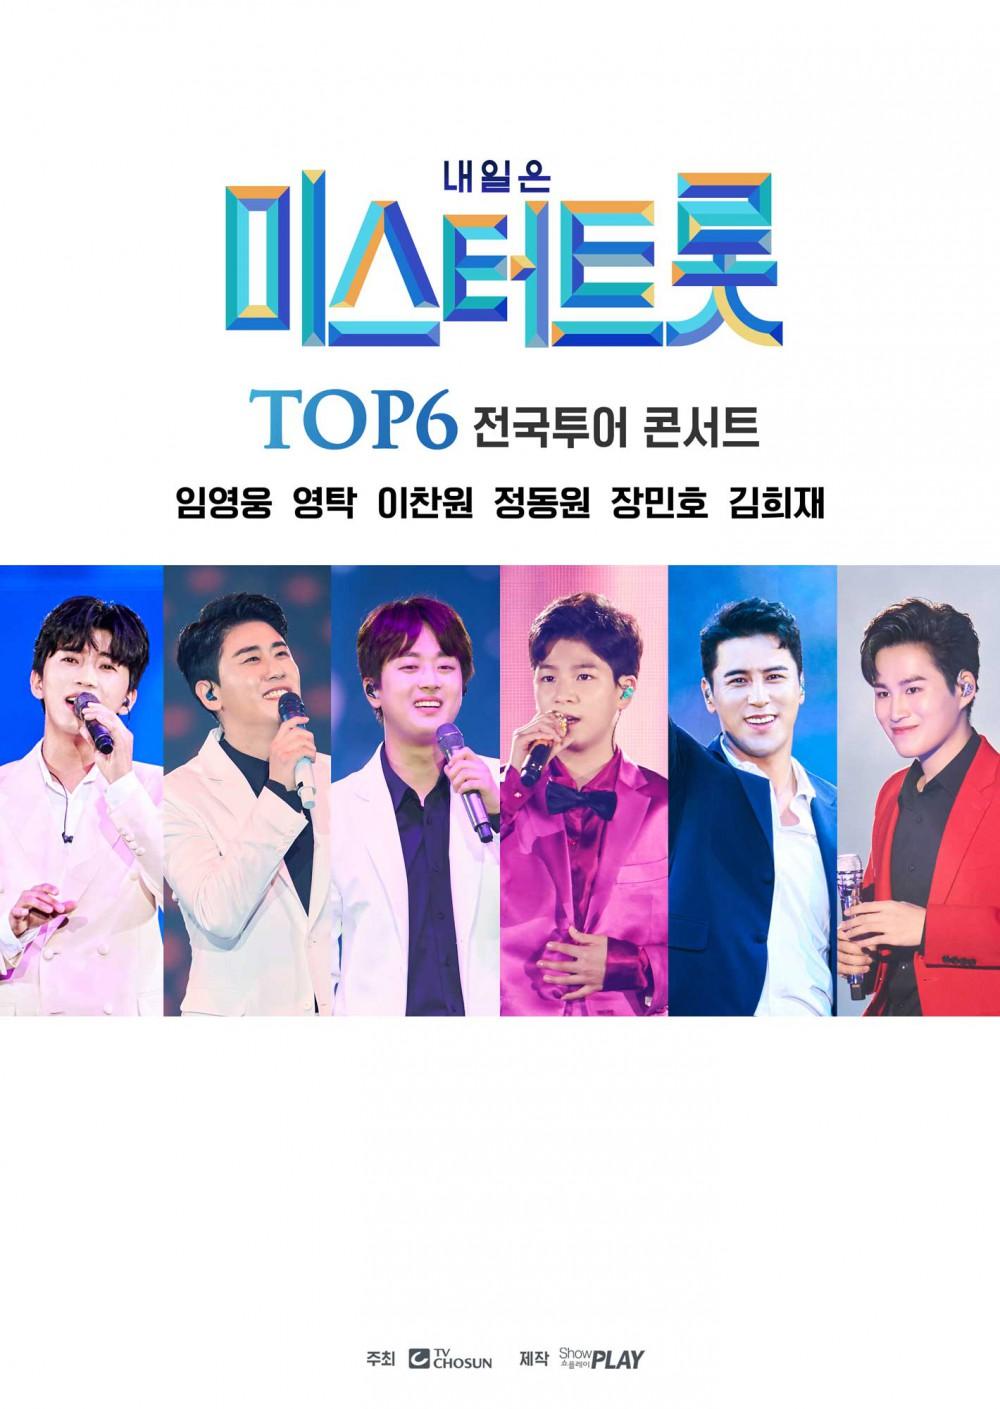 '미스터트롯' 콘서트, 오는 10월 30일 부산 시작으로 전국투어 재개